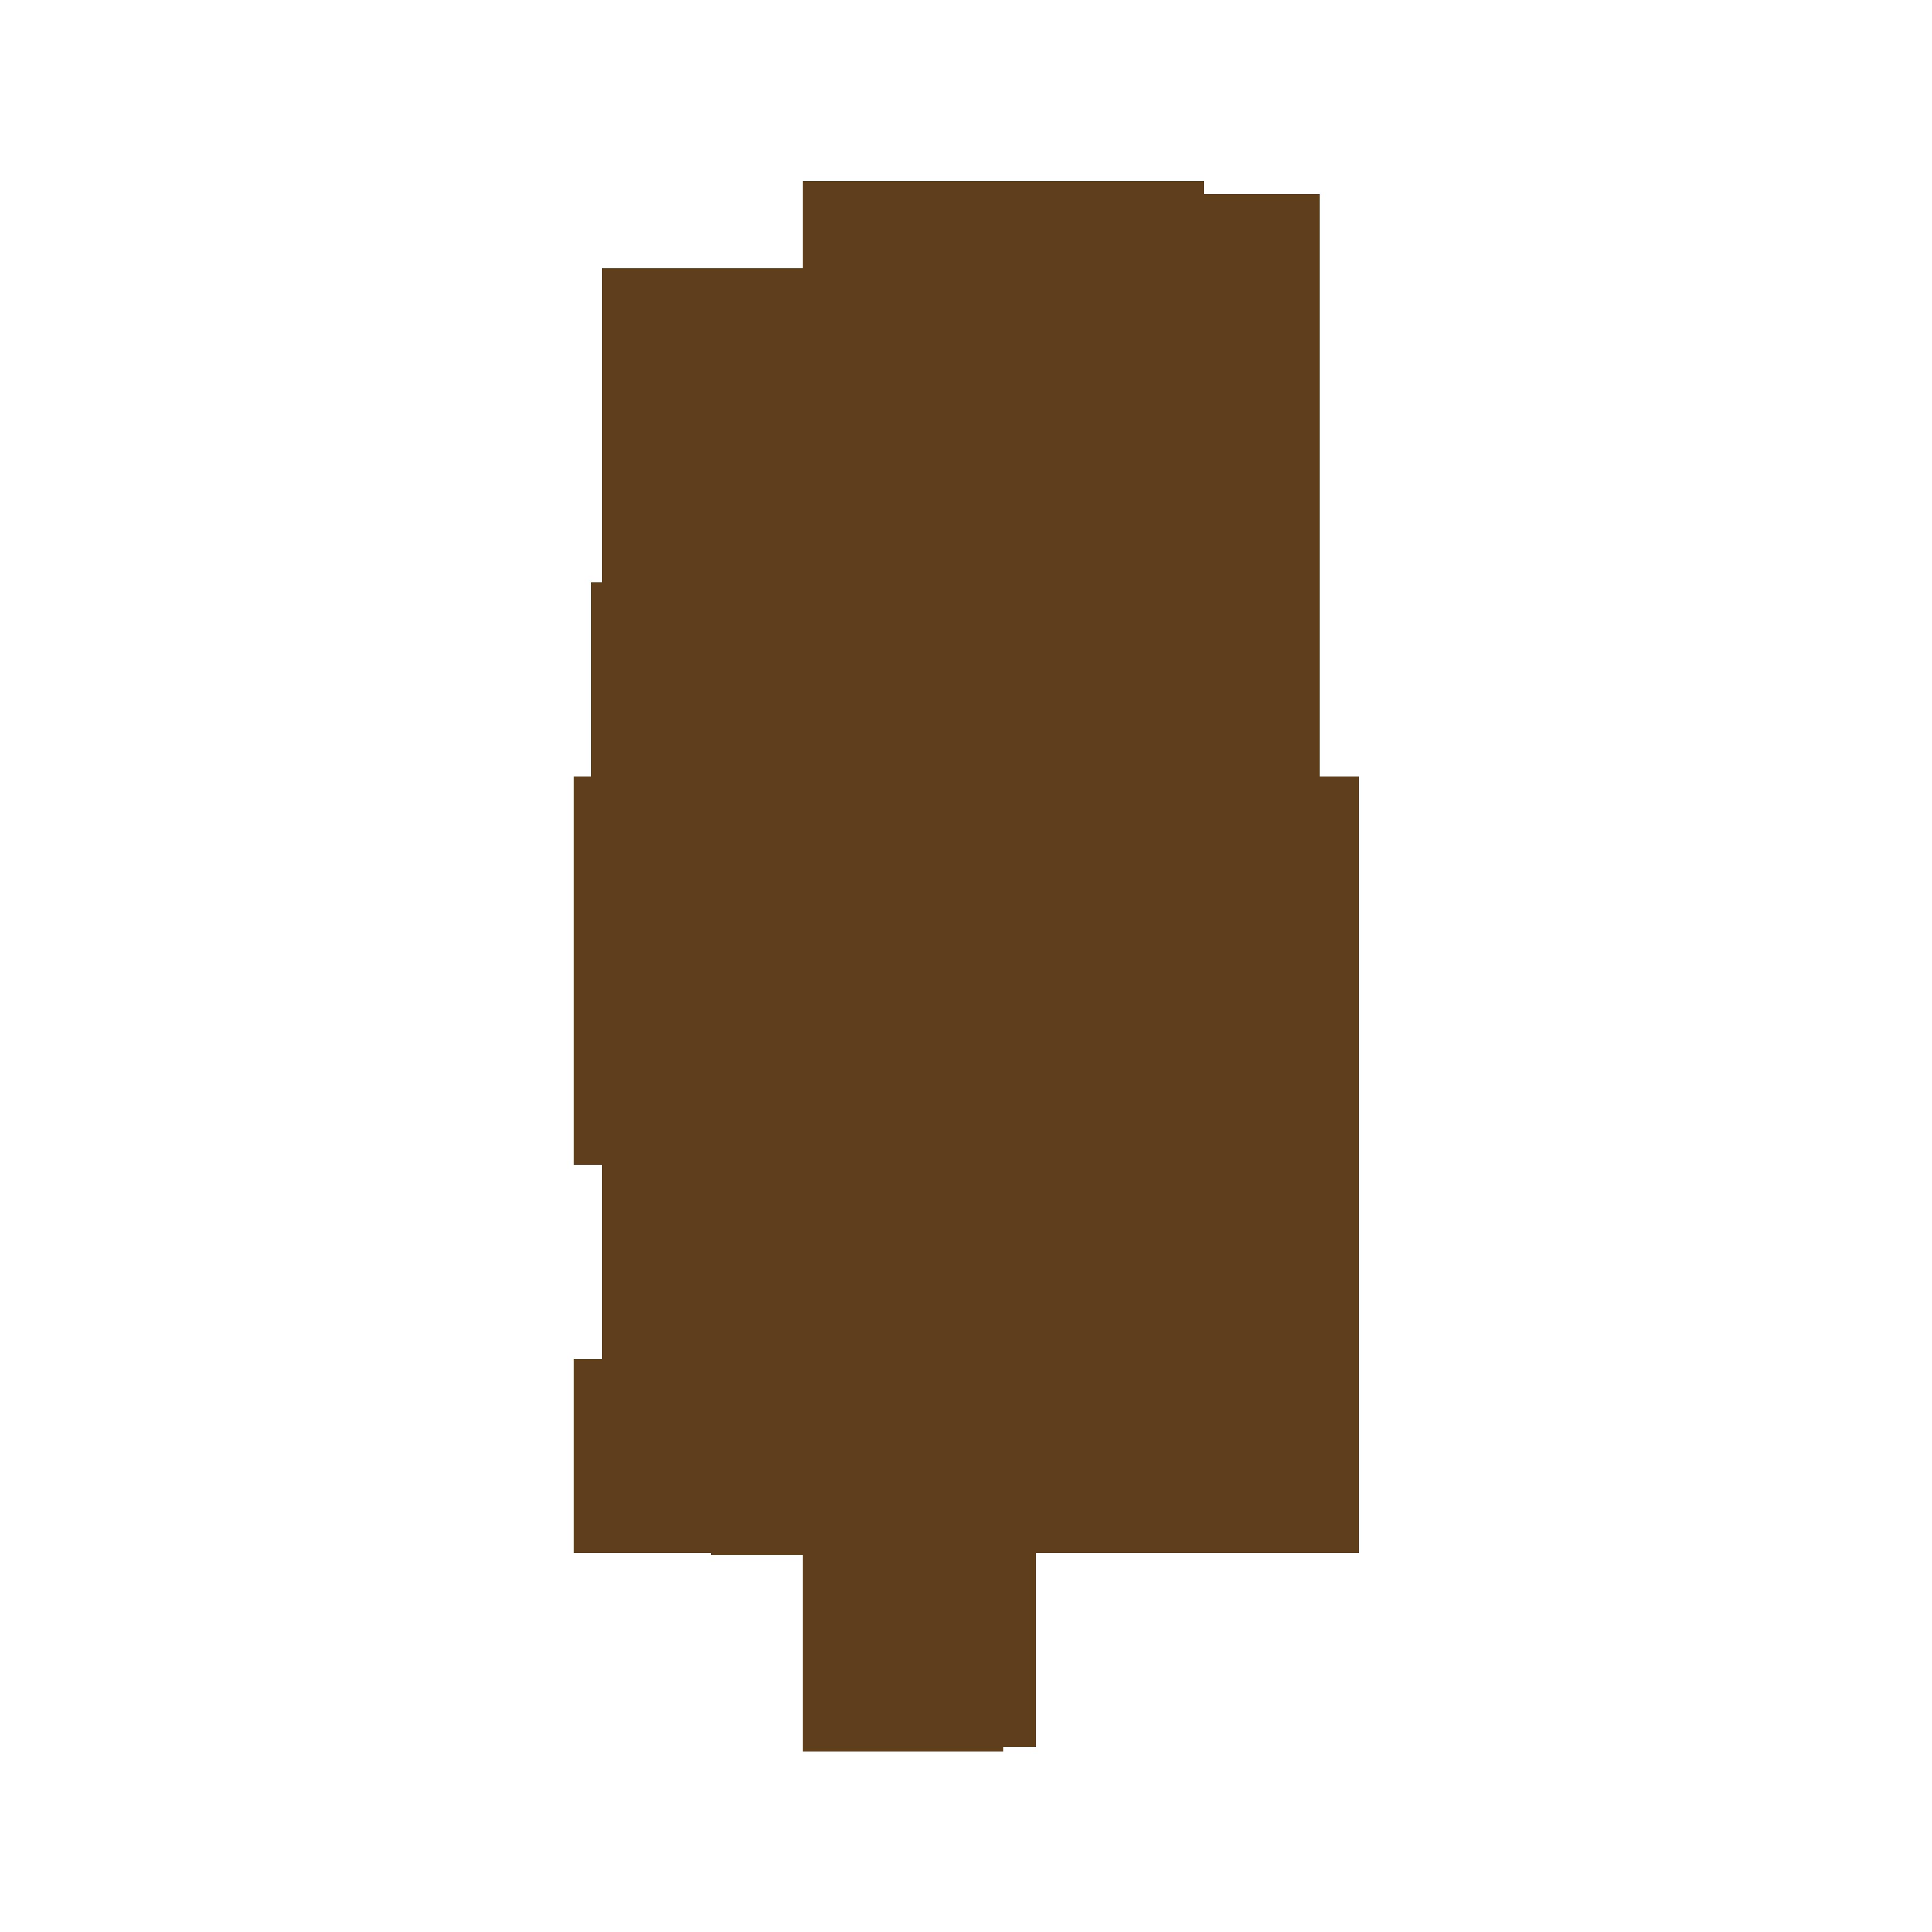 carduus-carciofo-amaro-brindisi-acquistaonline